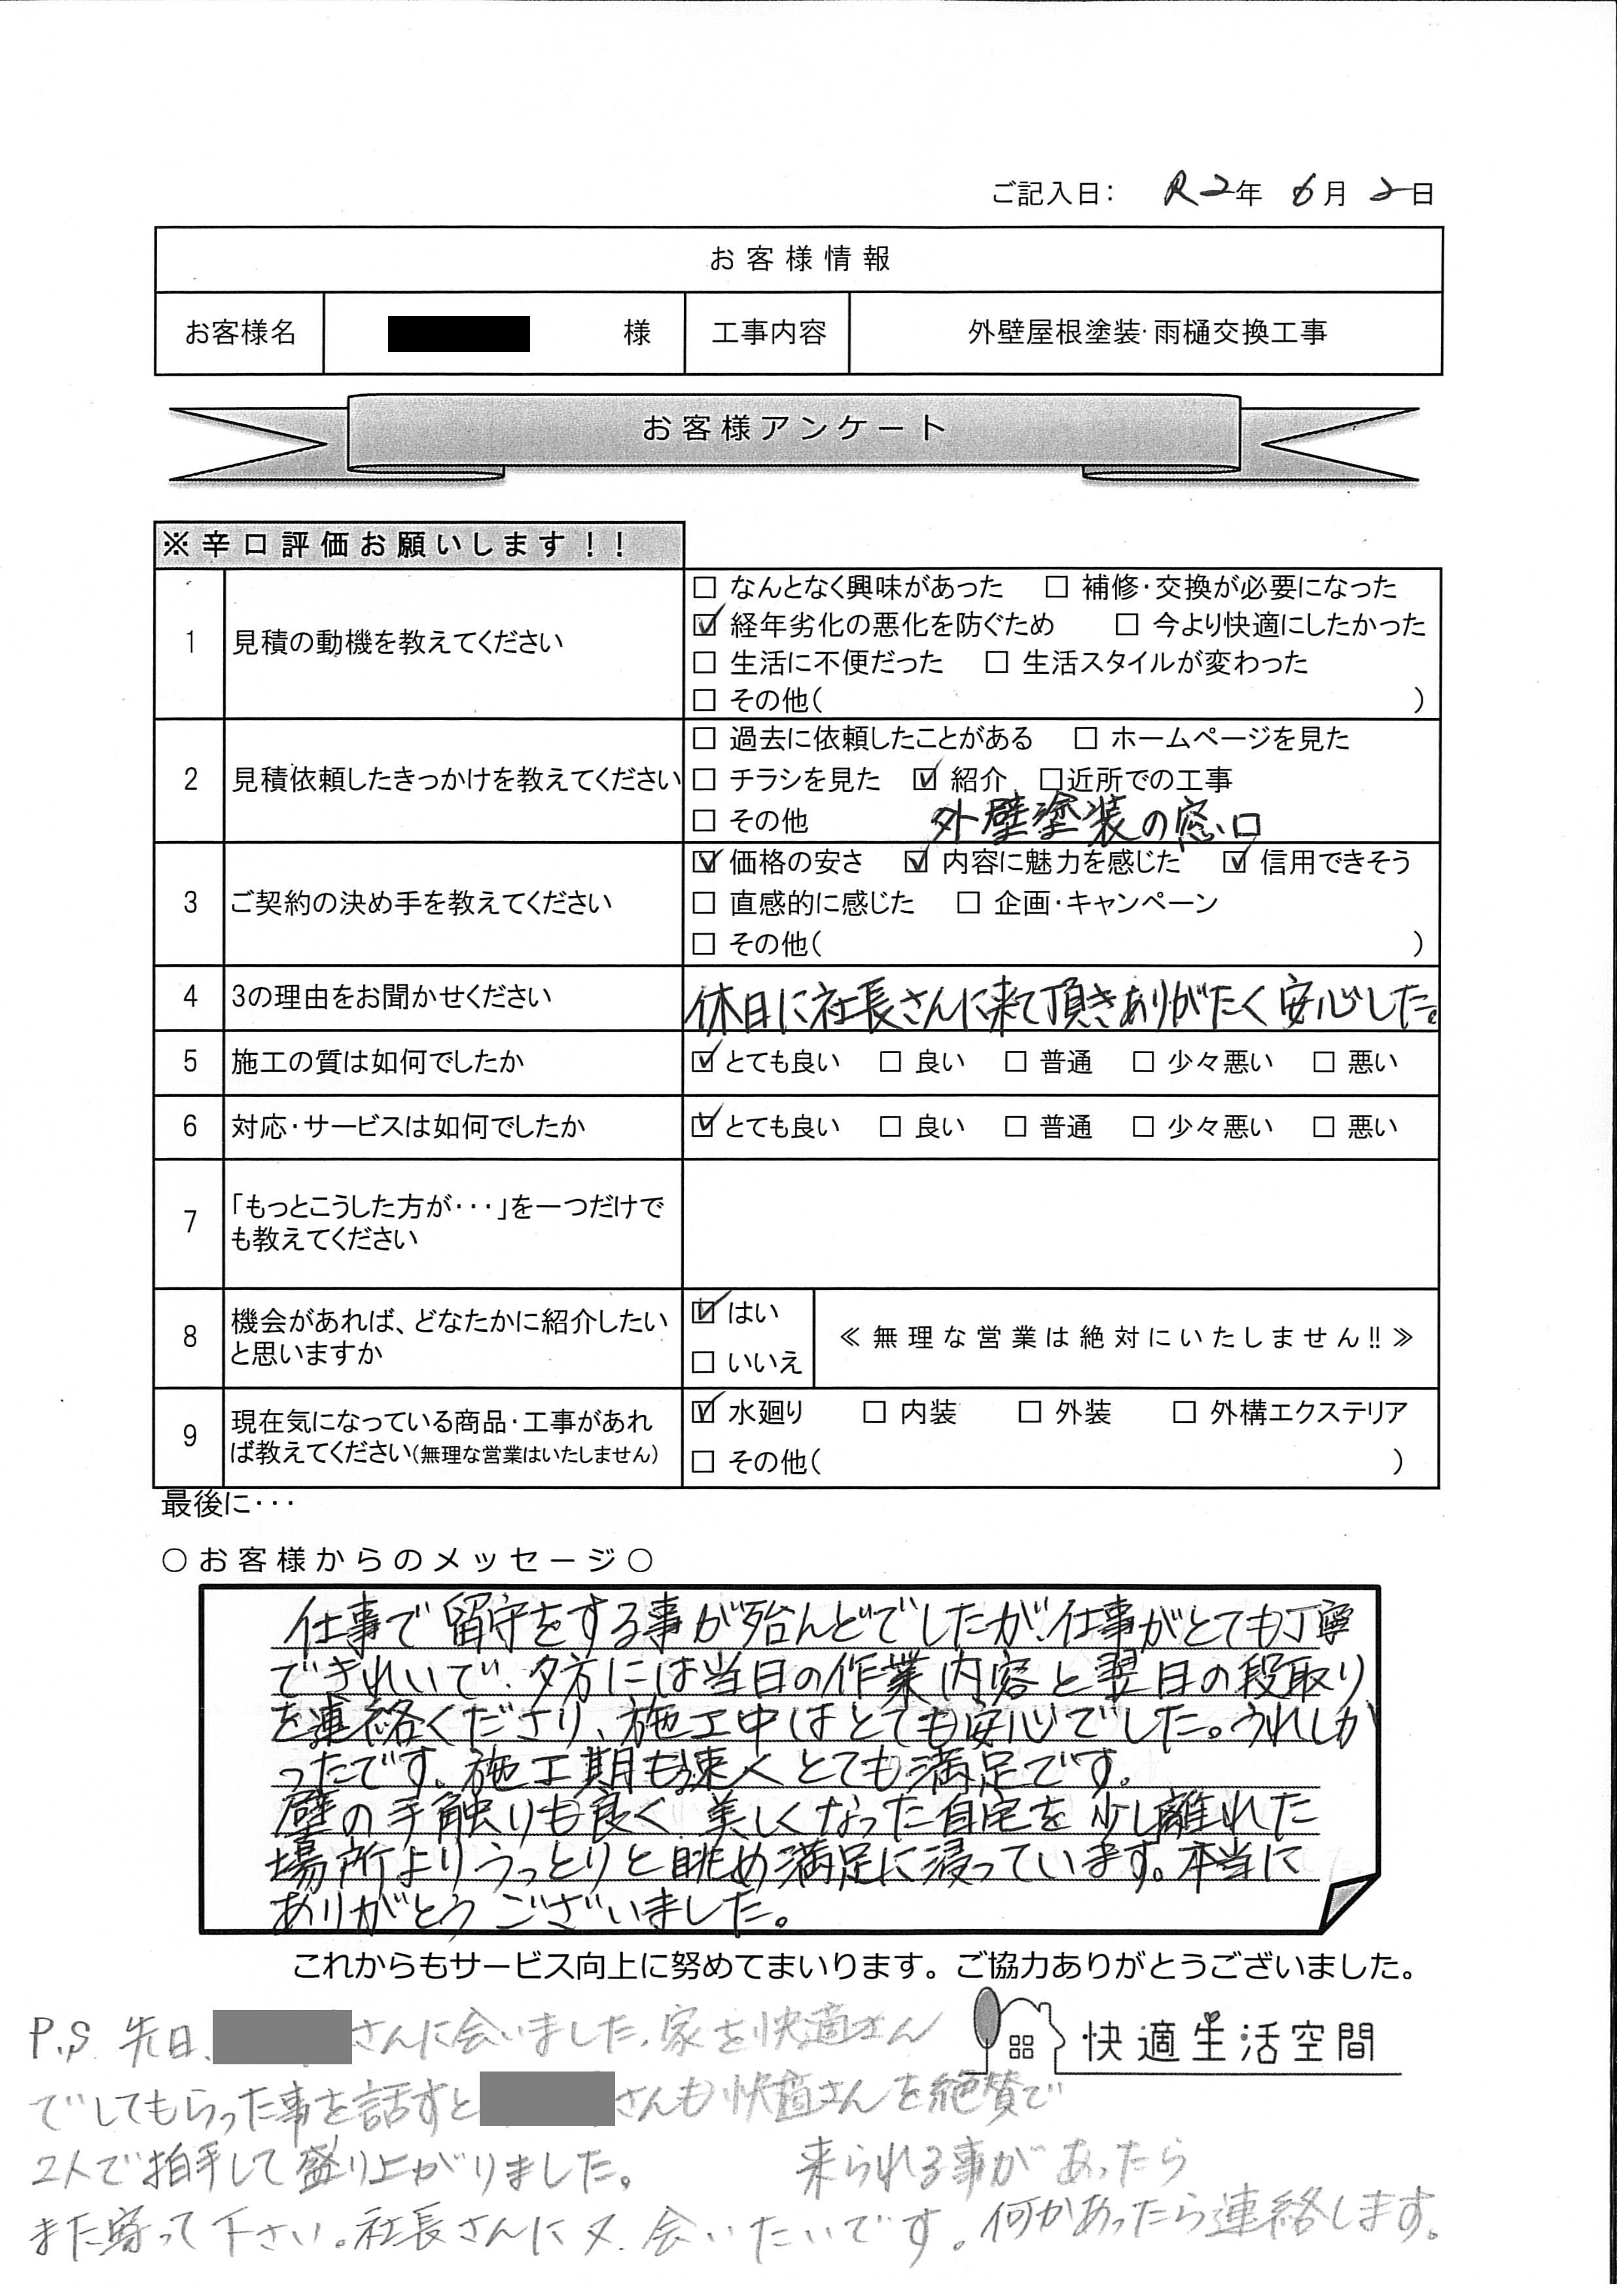 S様邸 外壁屋根塗装・雨樋交換工事アンケート